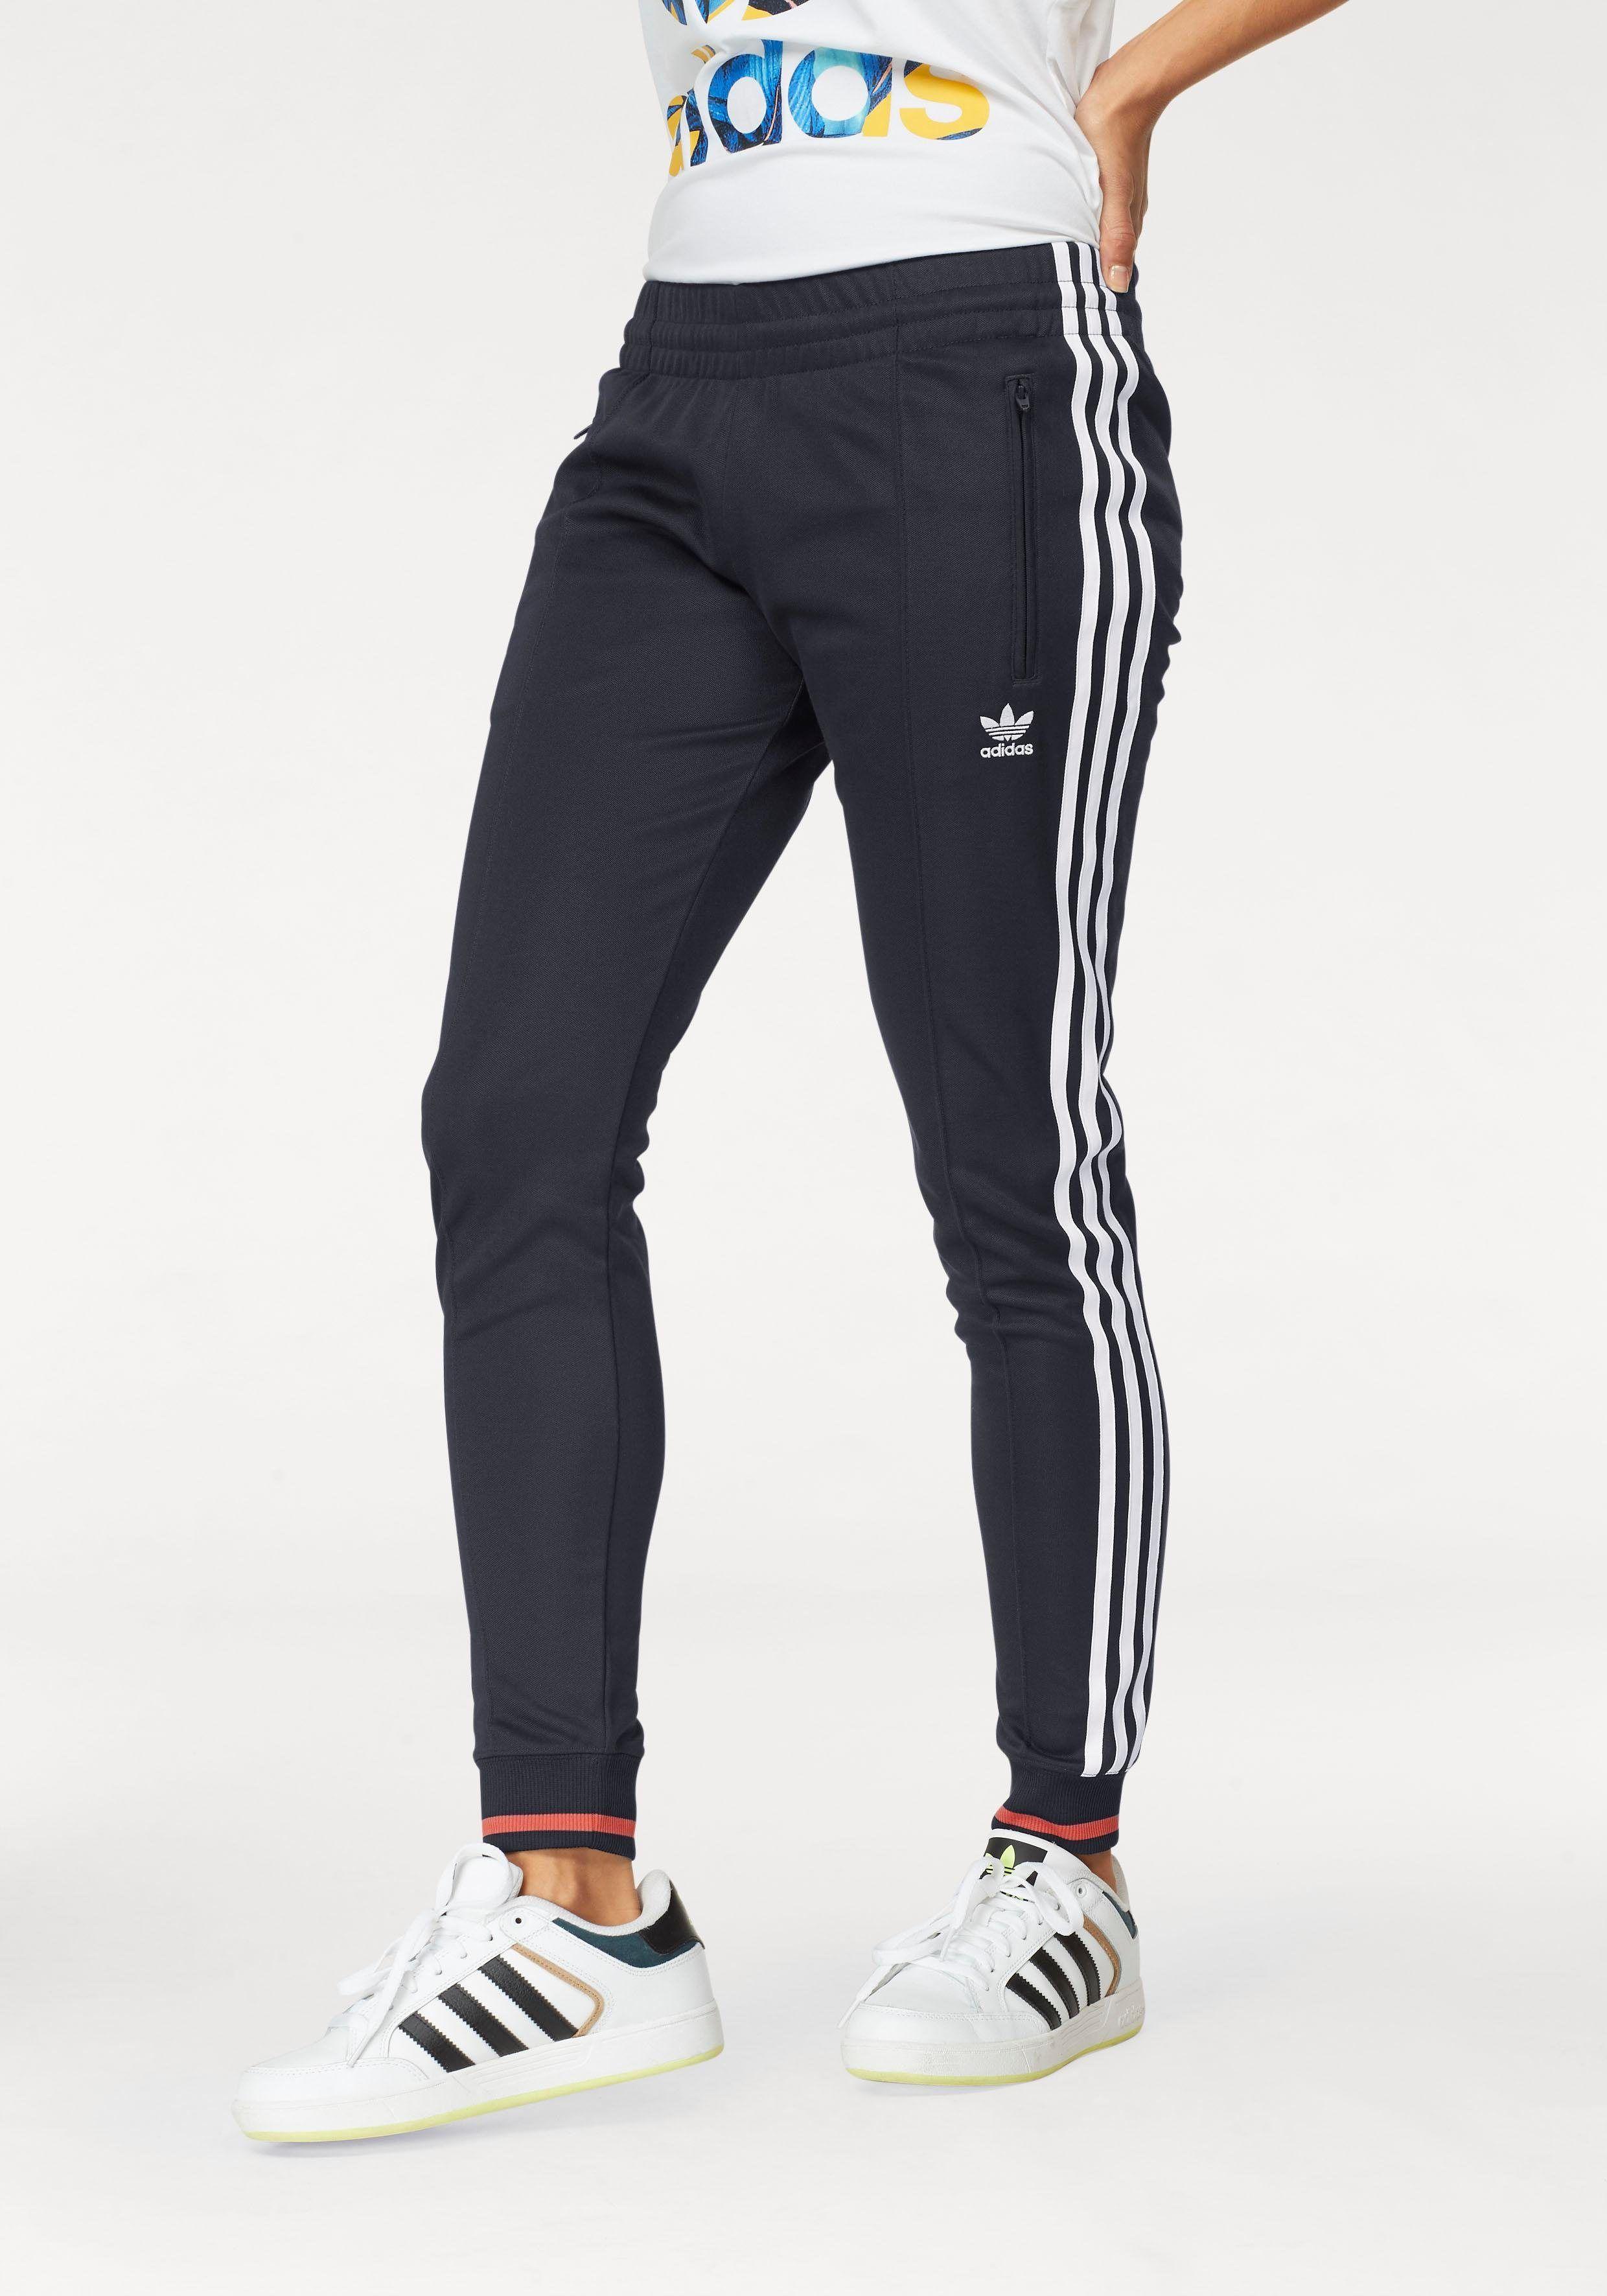 OTTO #ADIDAS #Bekleidung #Hosen #Sportbekleidung ...